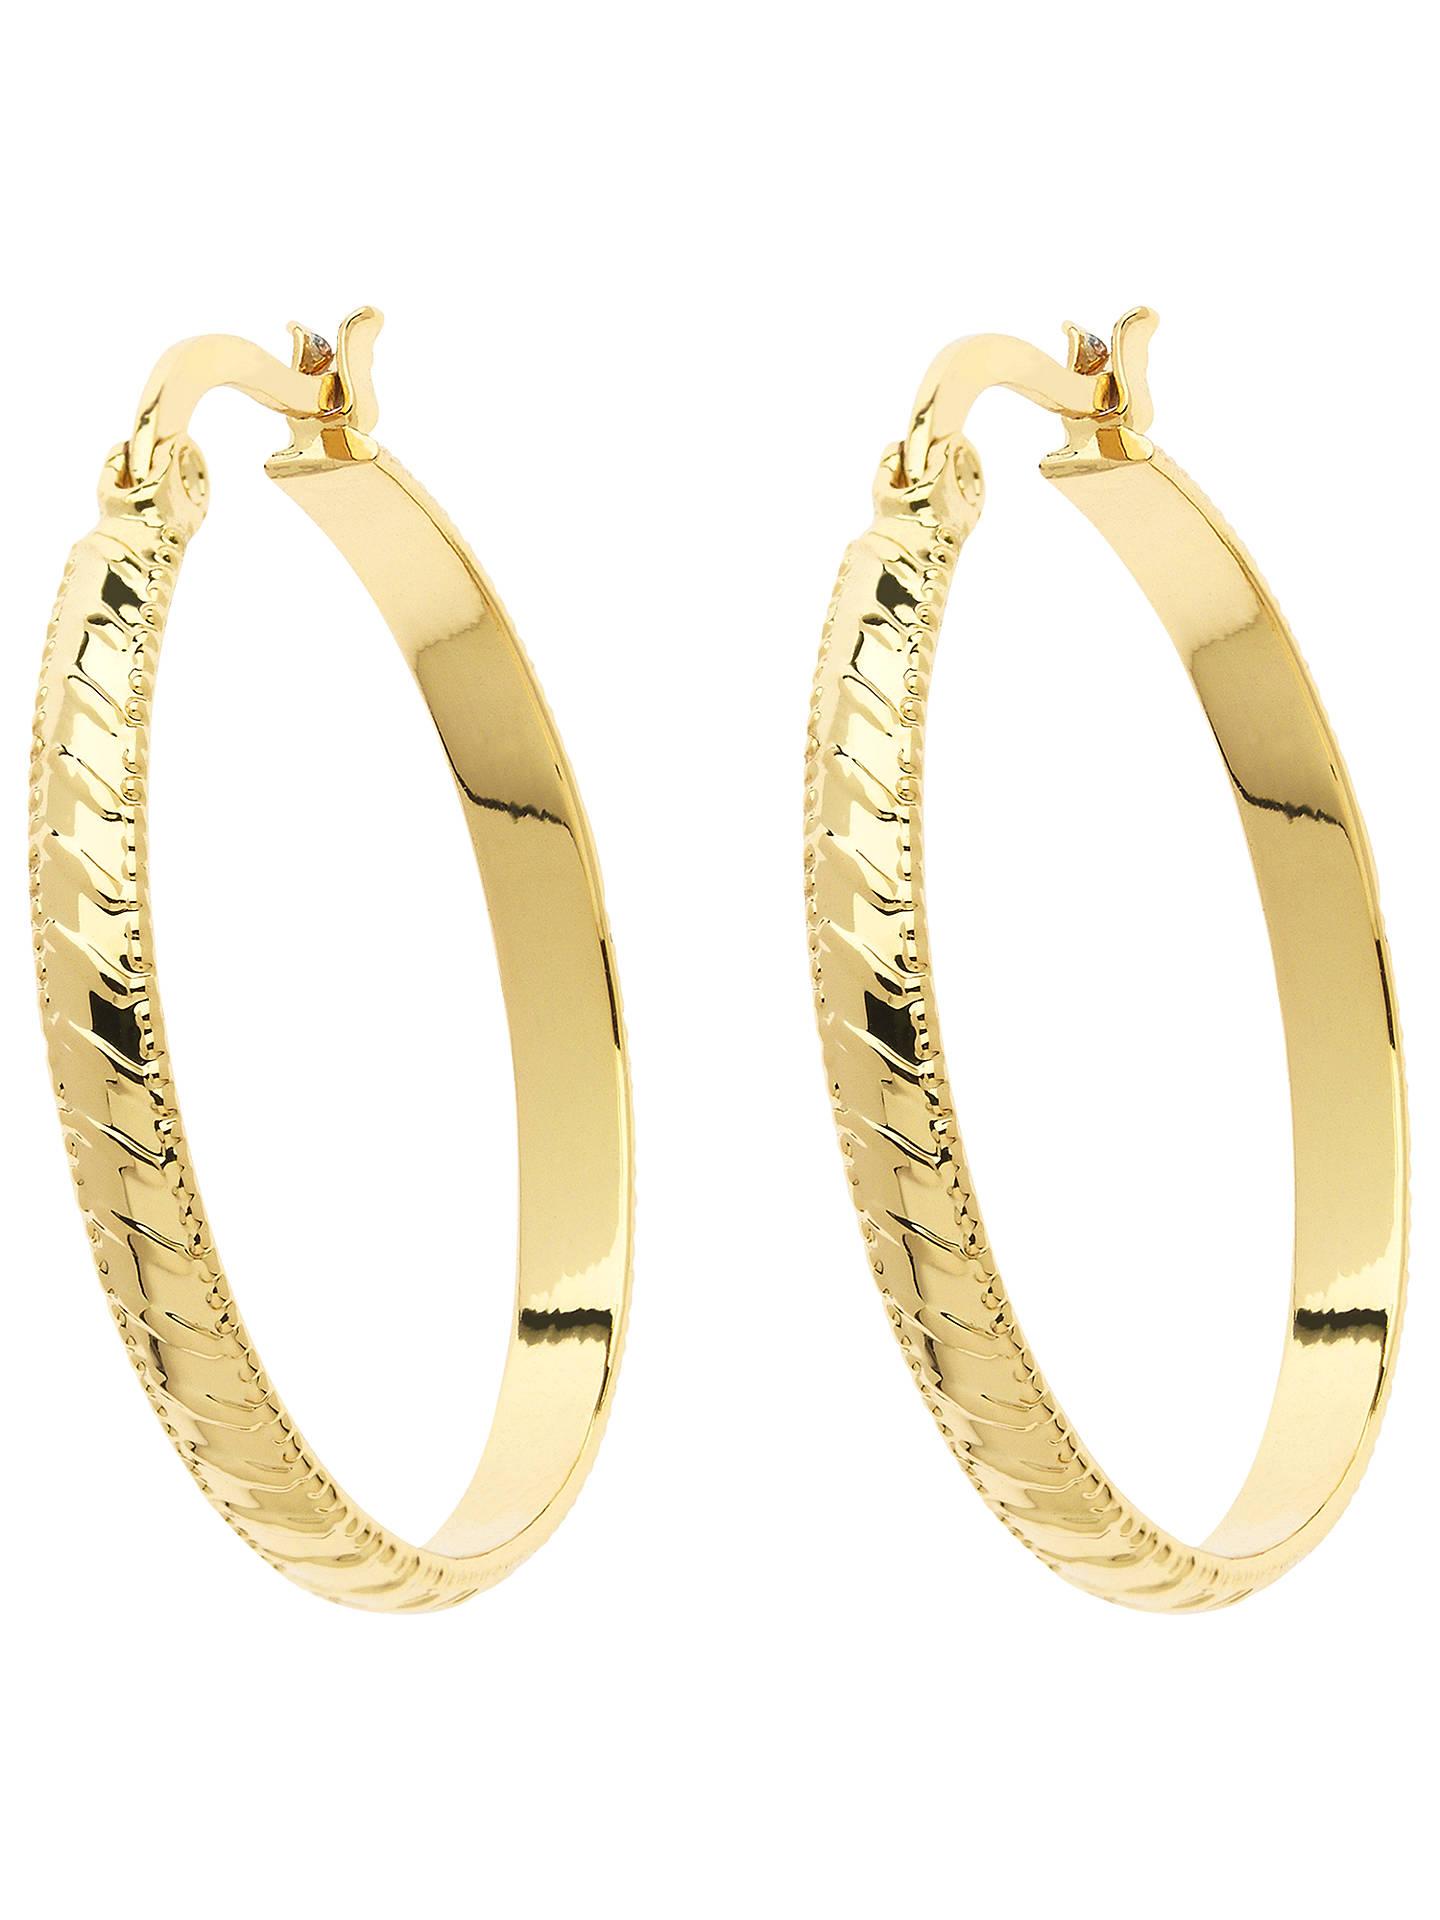 Monet Stripe Hoop Earrings Gold Online At Johnlewis